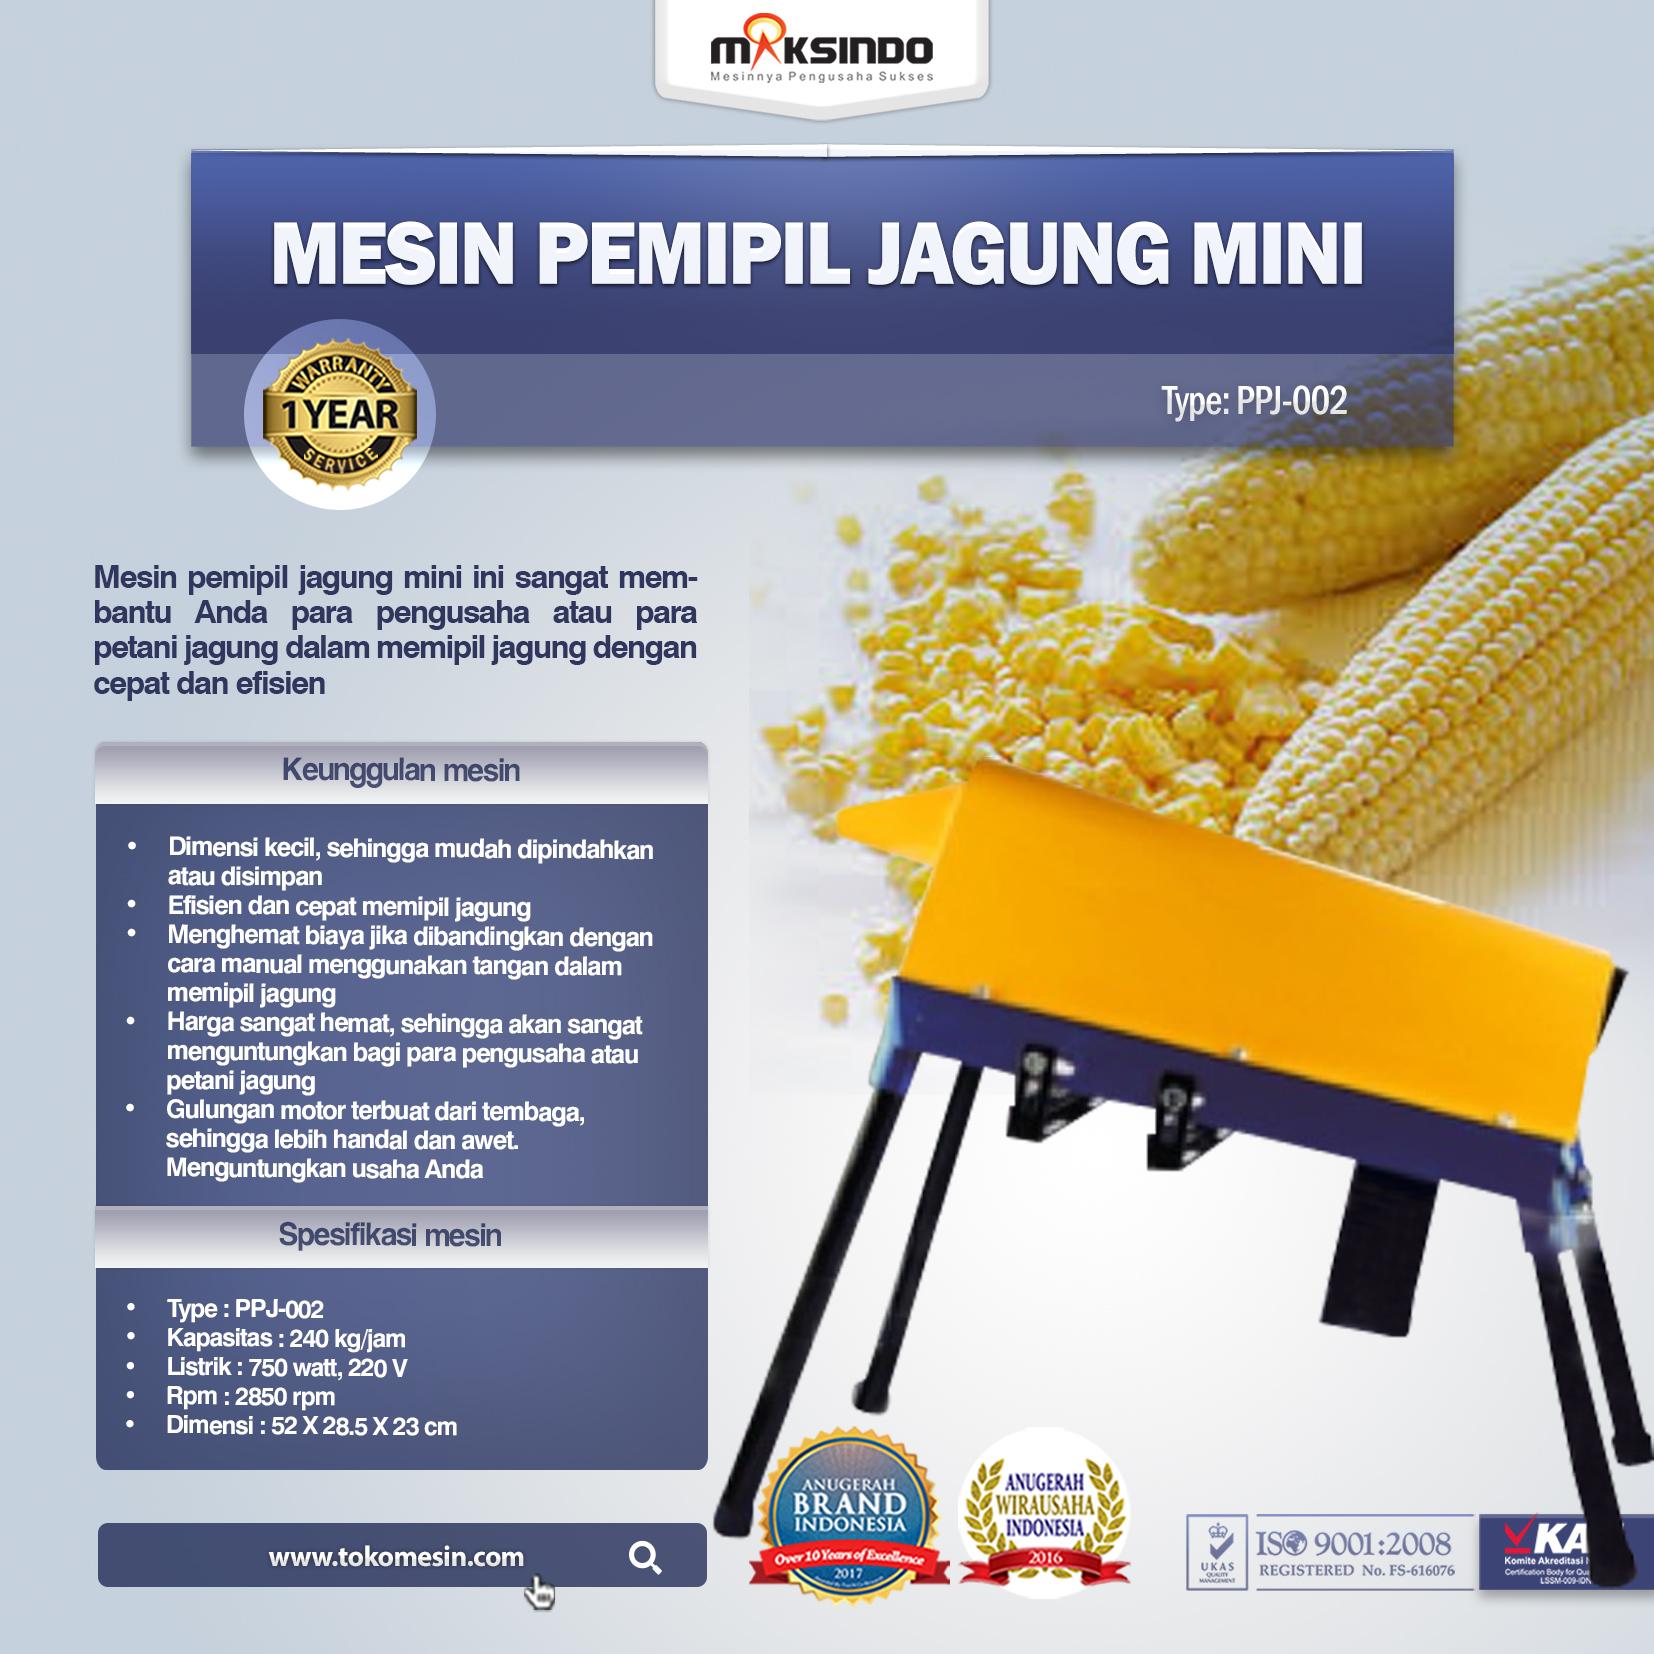 Mesin Pemipil Jagung Mini ( PPJ-002 )